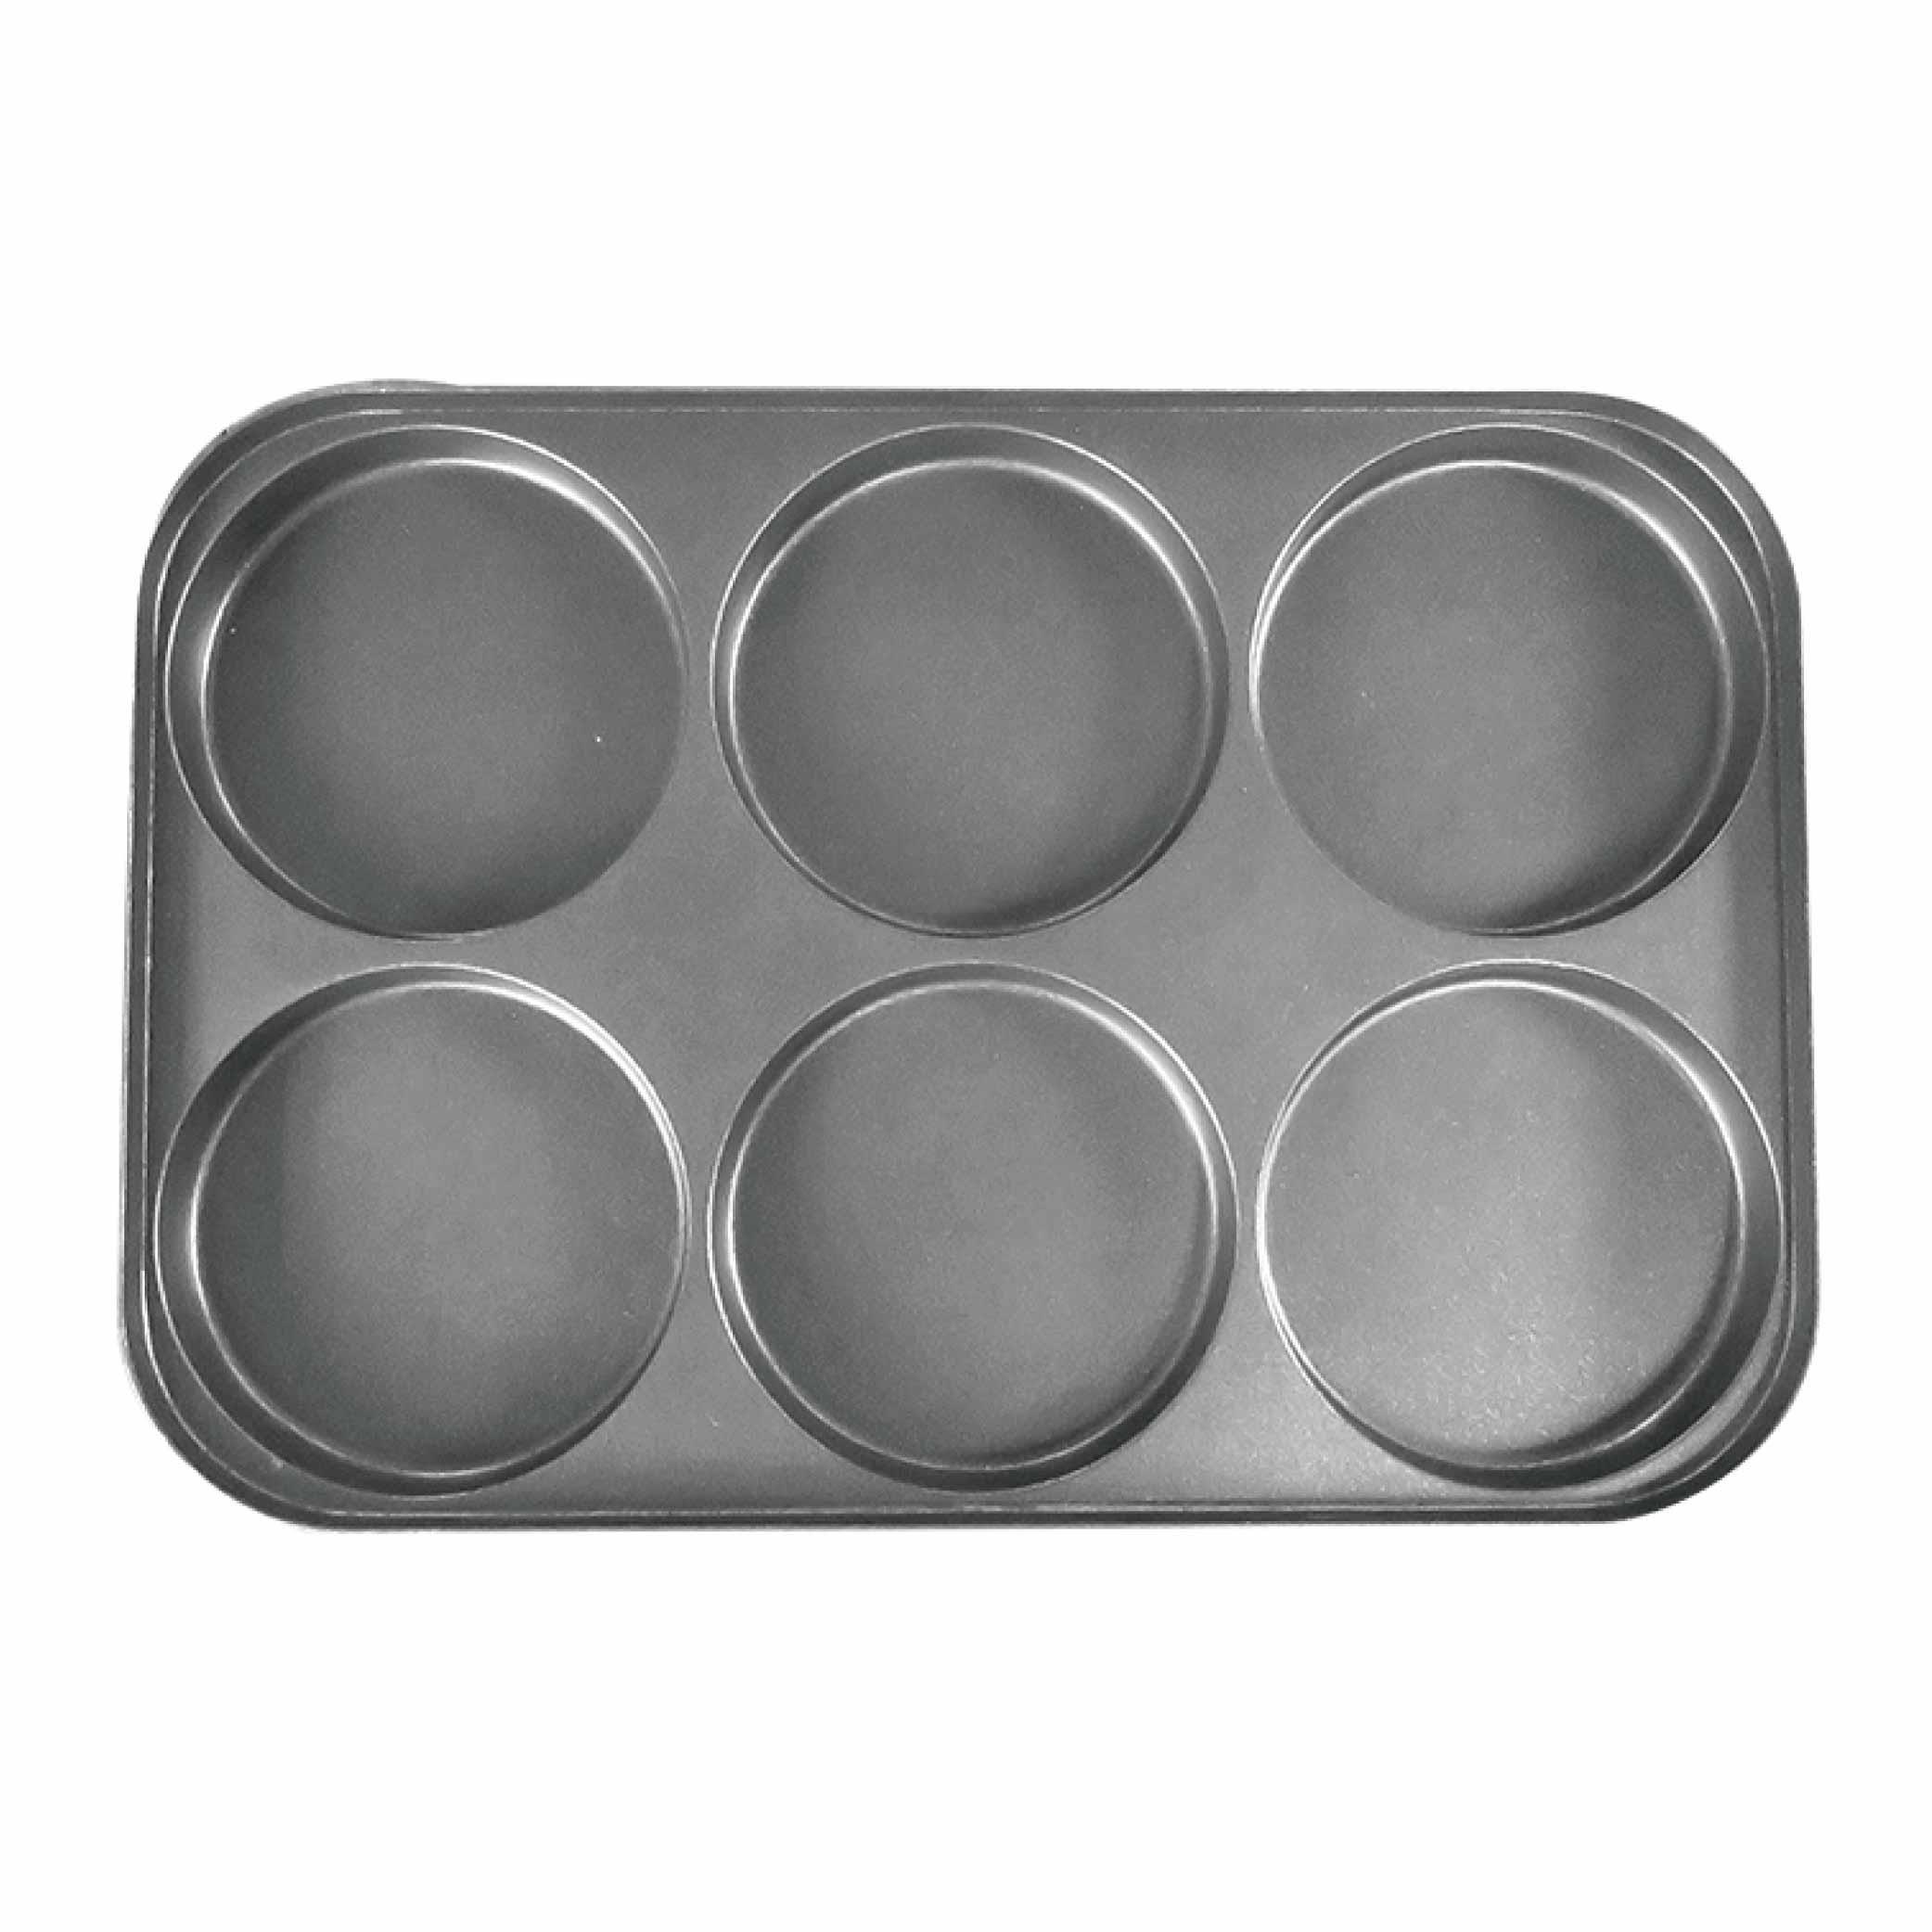 Tiffany蒂芬妮藍鑽石電烤盤 6格多樣料理盤(不含主機)